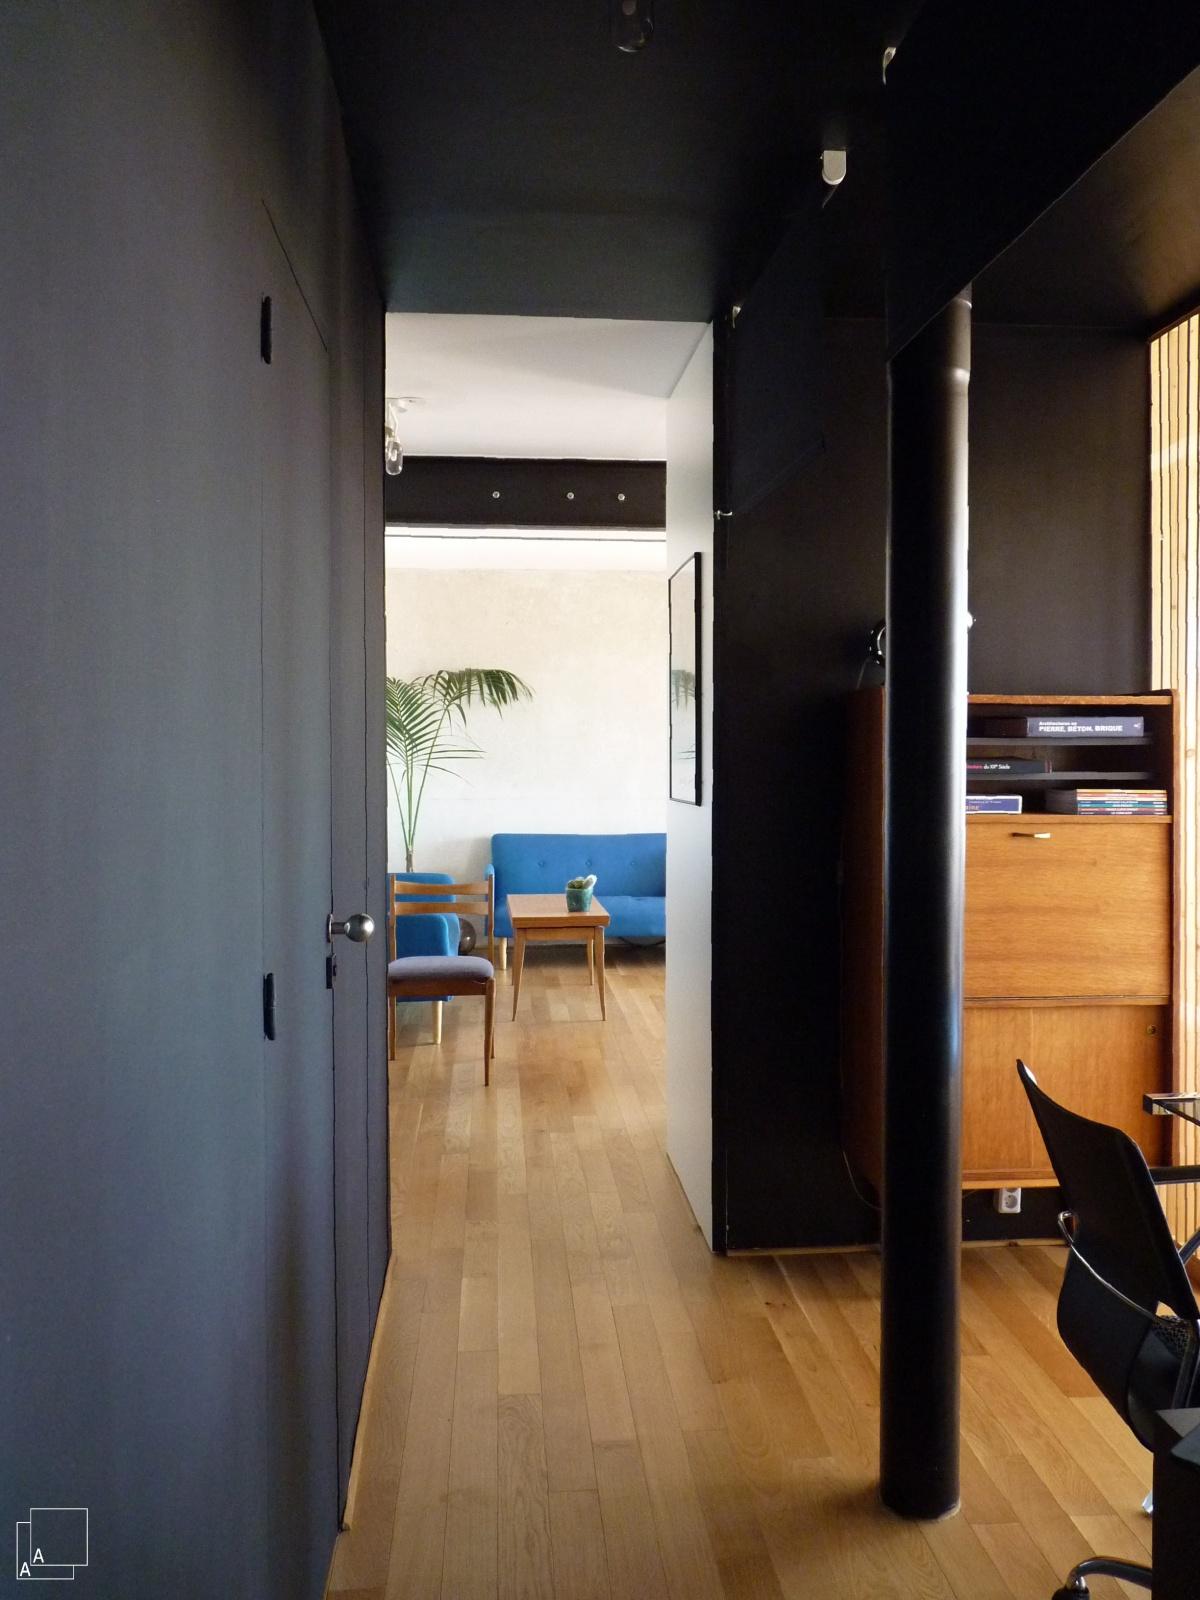 Transformation d'un appartement « la belle vue » : couloir-peinture-noir-marseille-azzaro-architecte-min-min.JPG